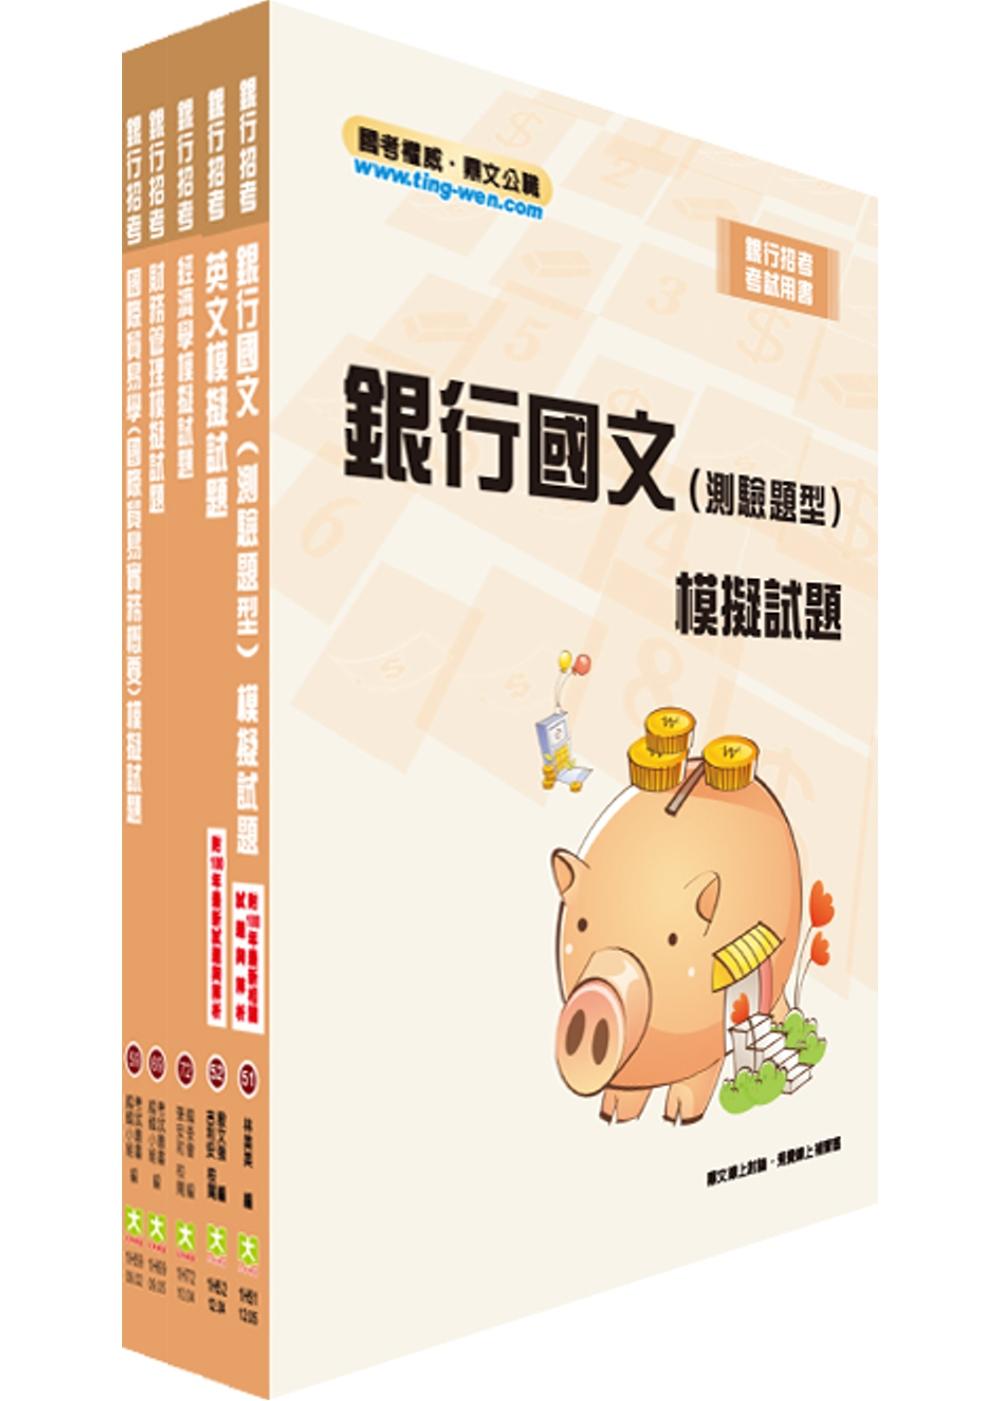 華南金控(儲備菁英行員-商學管理組)模擬試題套書(贈題庫網帳號1組)